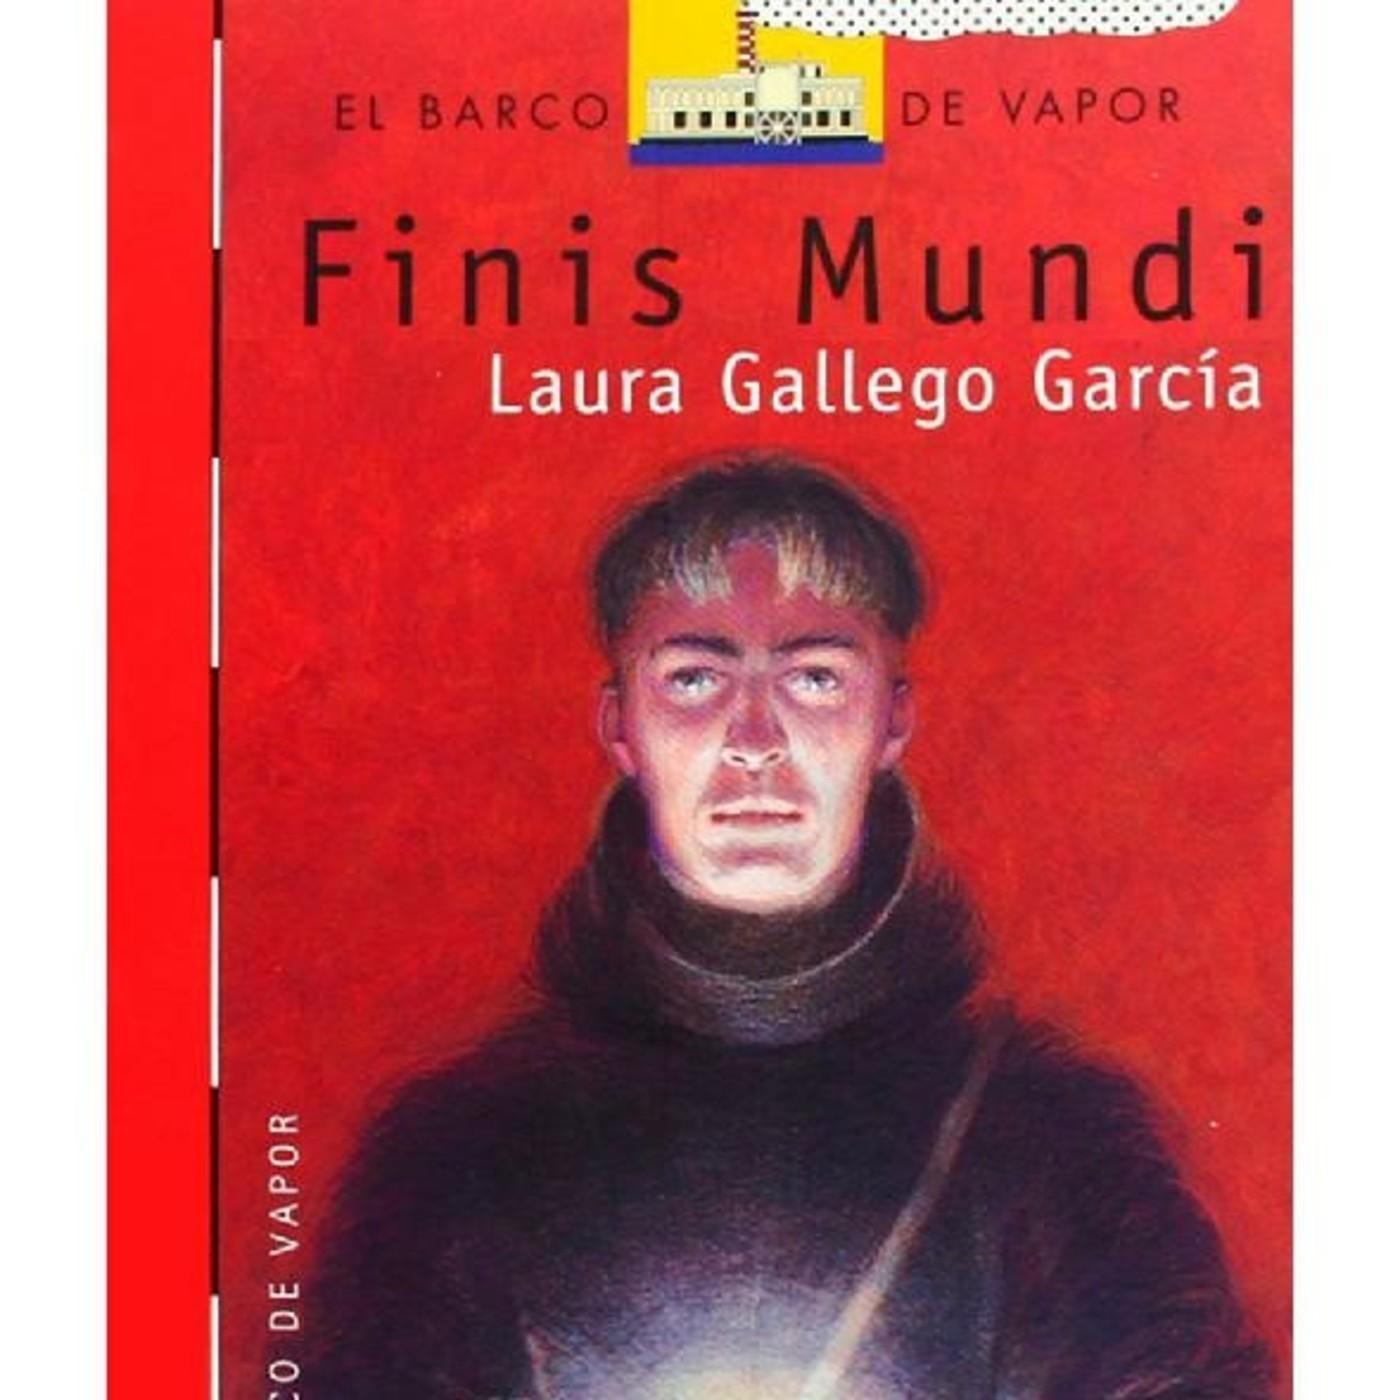 Descargar Libro Gratis Pdf Finis Mundi Laura Gallego Finis Mundi Gallego Garcia Laura Cap 2 Y 3 En Finis Mundi